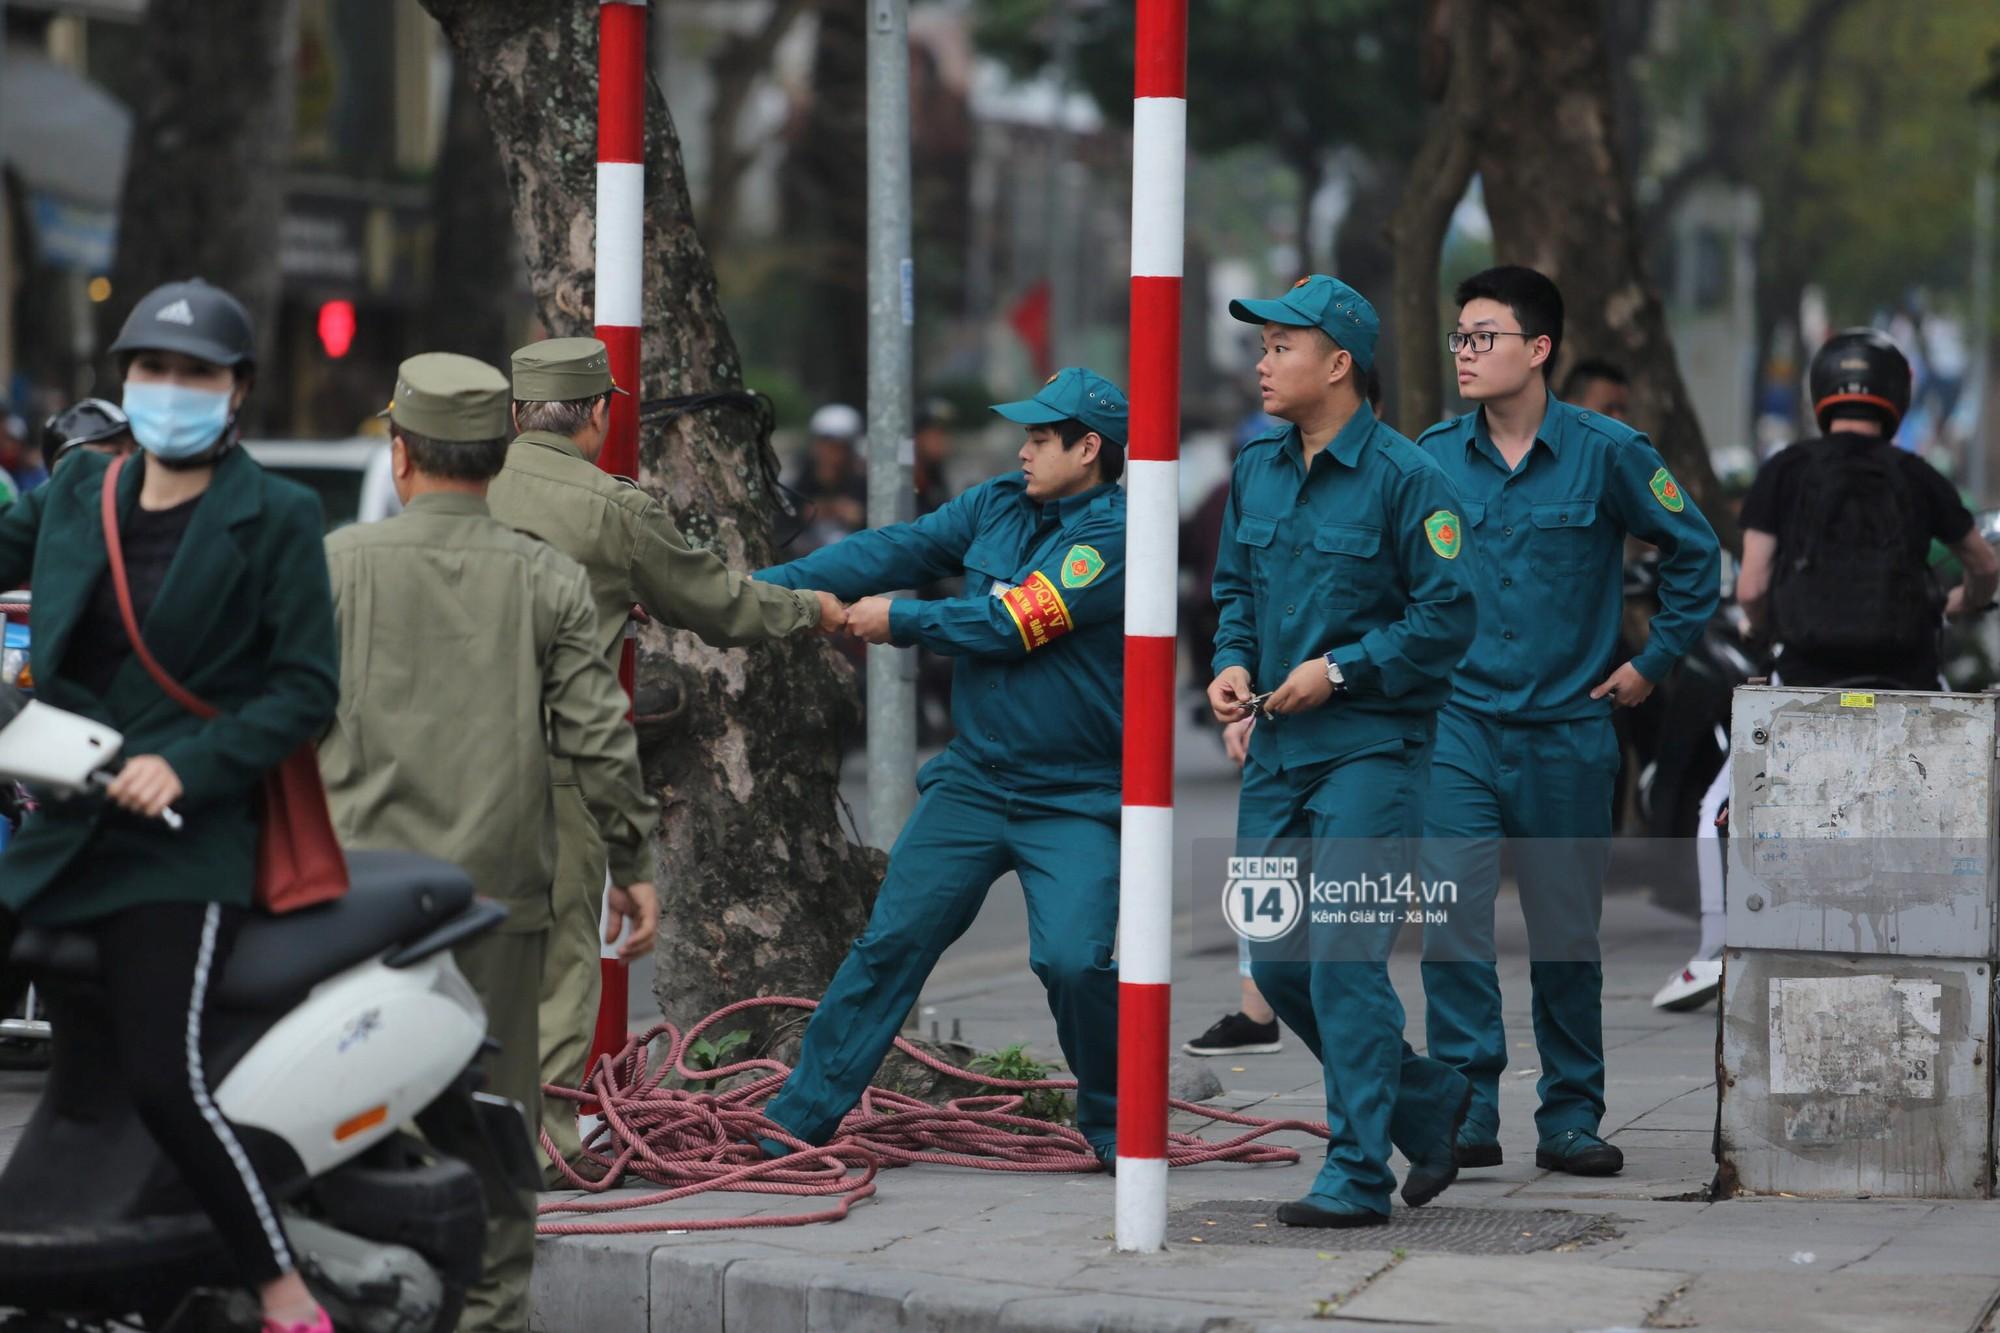 Chủ tịch Kim Jong-un vẫy tay chào người dân, đang trên đường viếng đài liệt sĩ và lăng Chủ tịch Hồ Chí Minh - Ảnh 4.